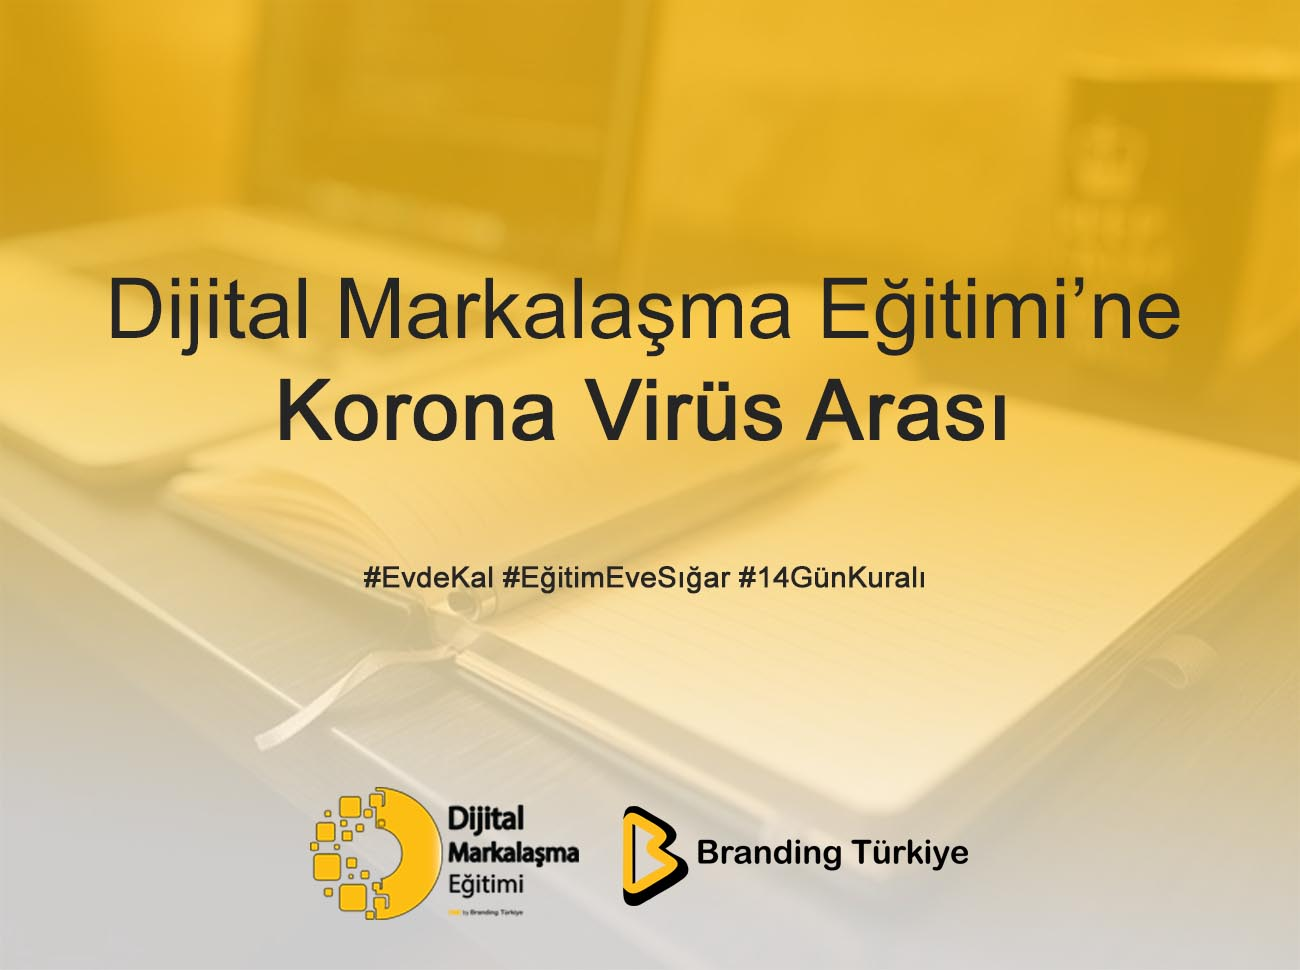 Dijital Markalaşma Eğitimi'ne Korona Virüs Arası